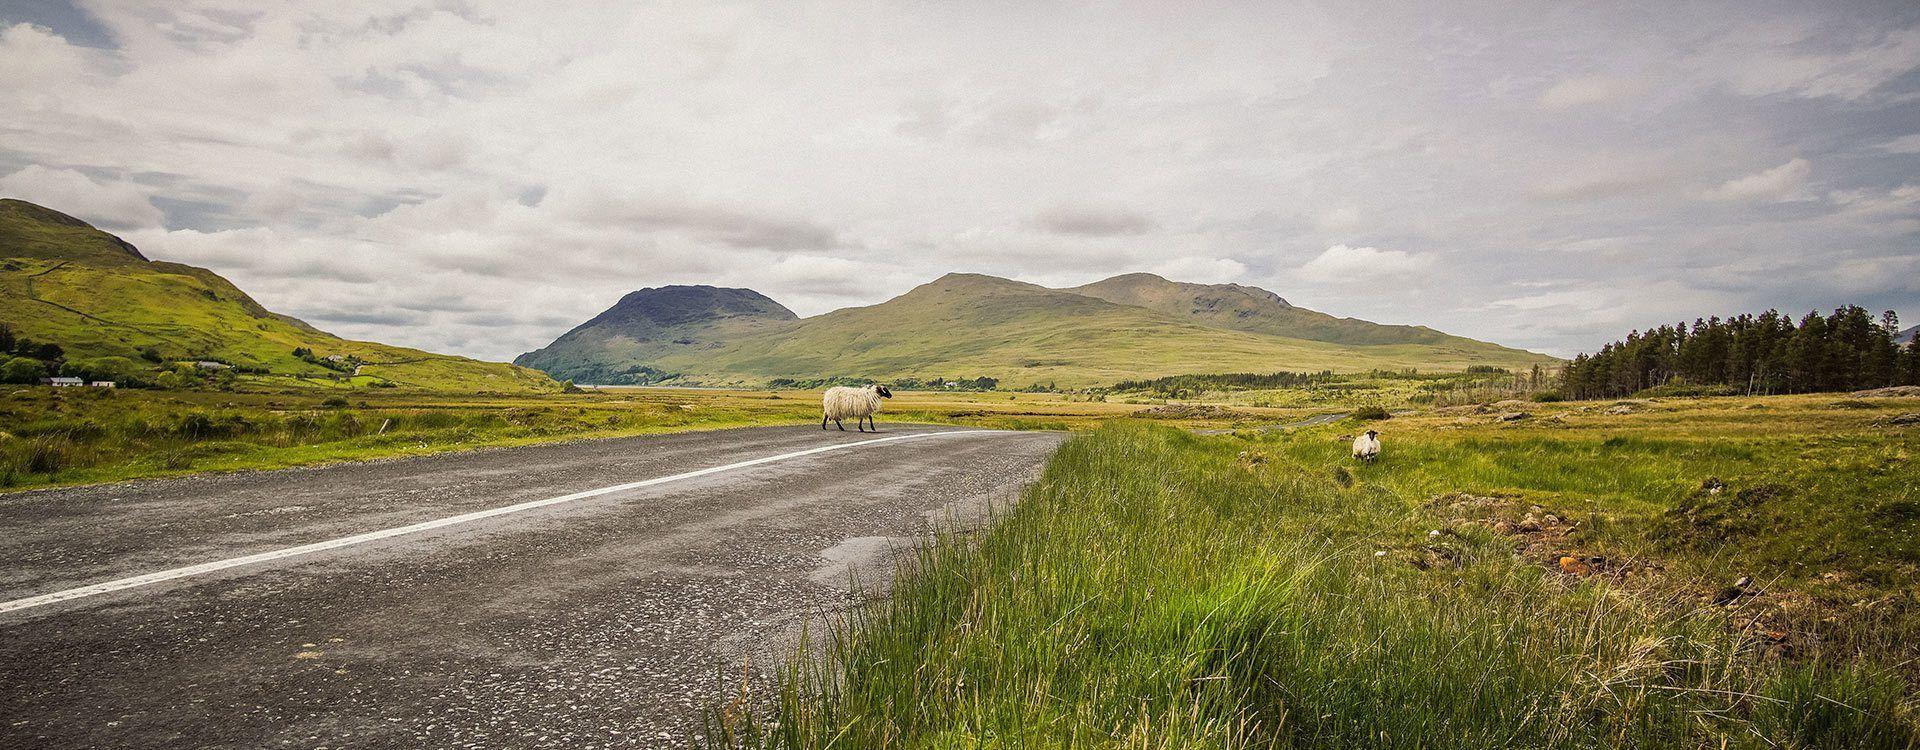 Excursión de cuatro días al oeste (Galway, Acantilados de Moher, Kerry, Dingle, Blarney) desde Dublín